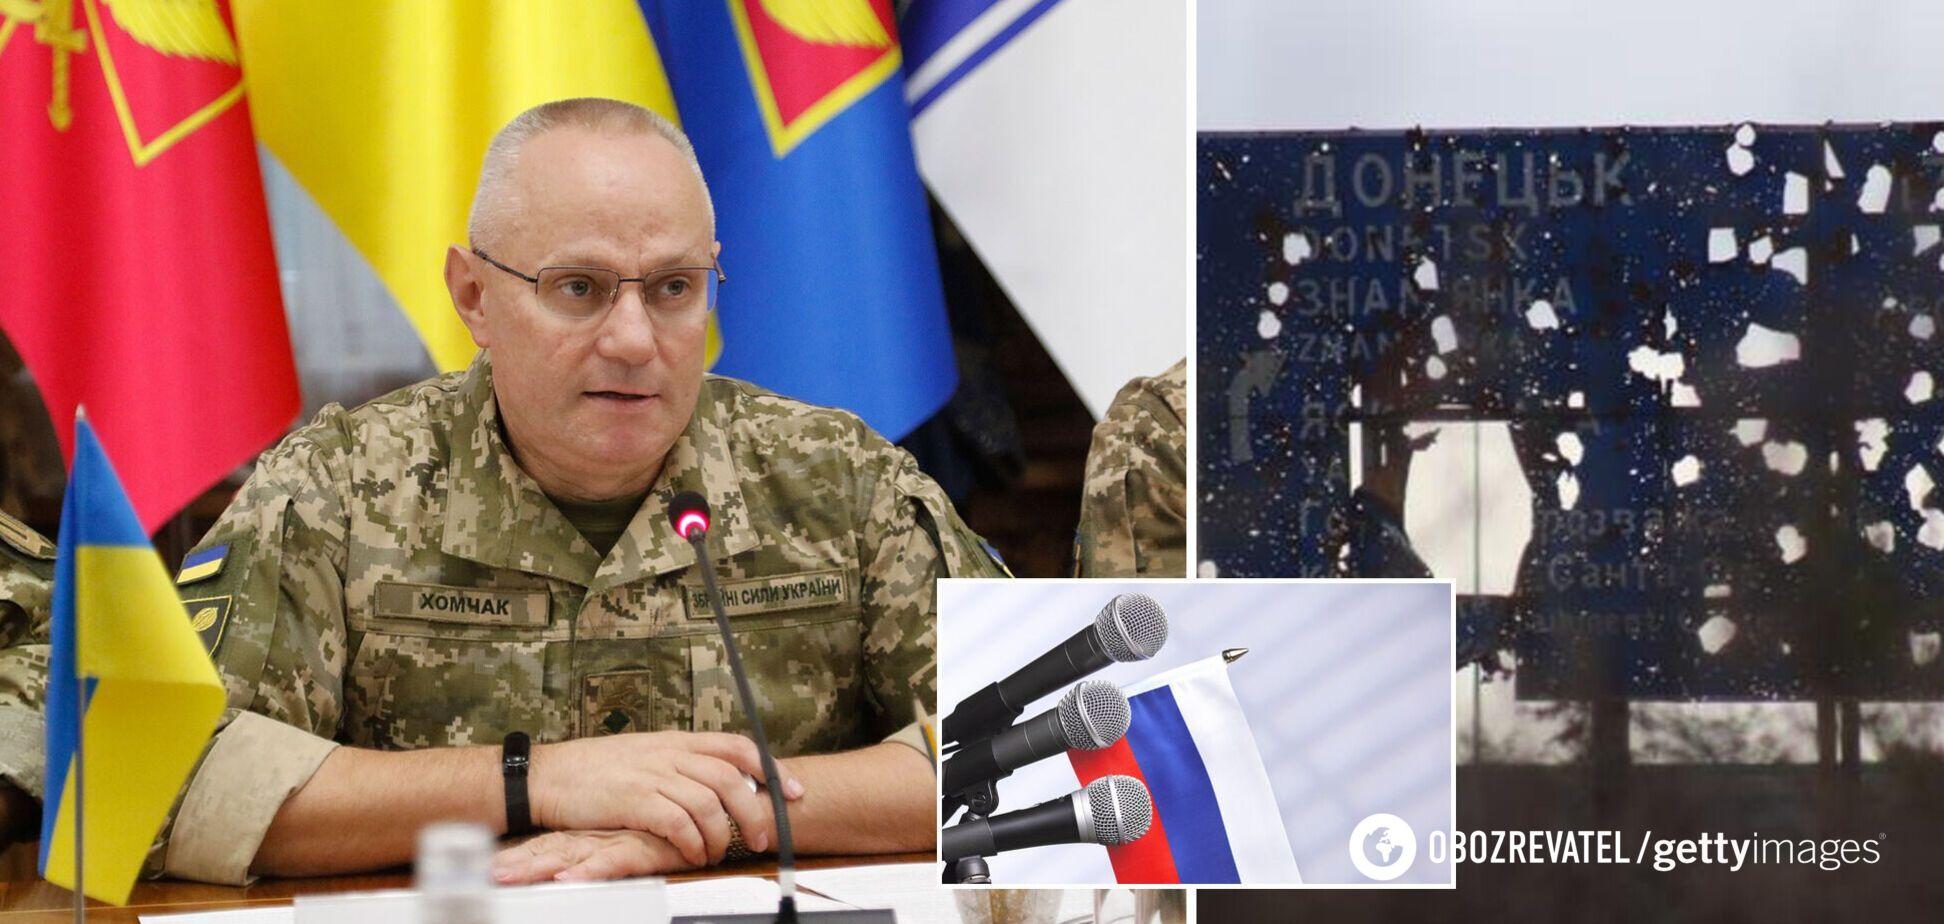 Хомчак ответил России на агрессивные фейки о 'наступлении Украины на Донбасс'